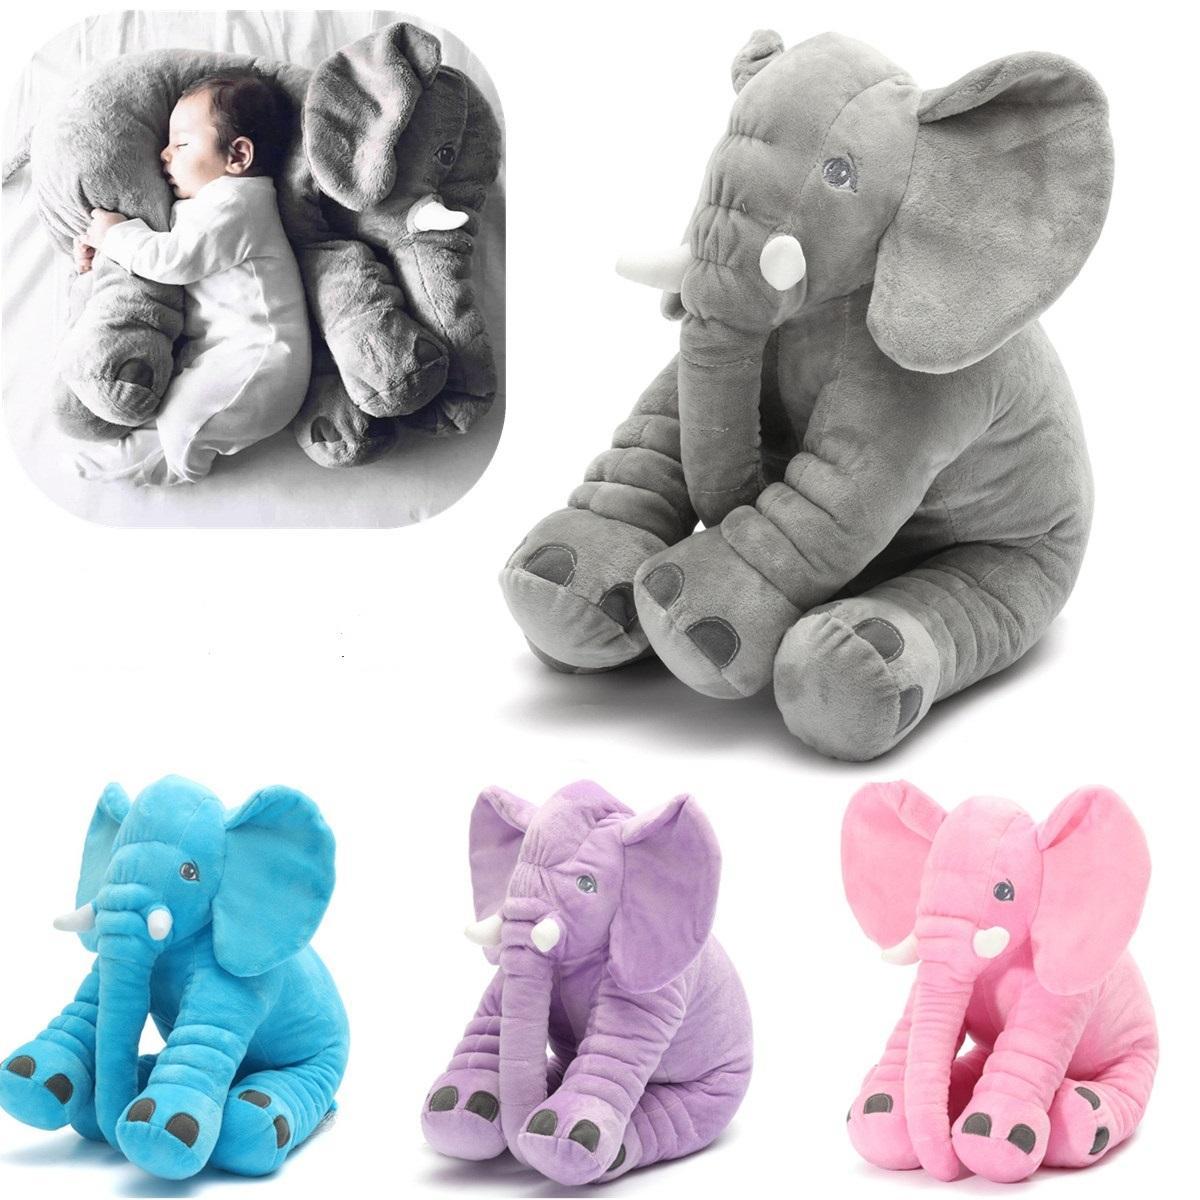 """15.7 """"animal en peluche Soft coussin bébé dormir Soft oreiller éléphant en peluche jouet mignon pour tout-petit enfant cadeau"""